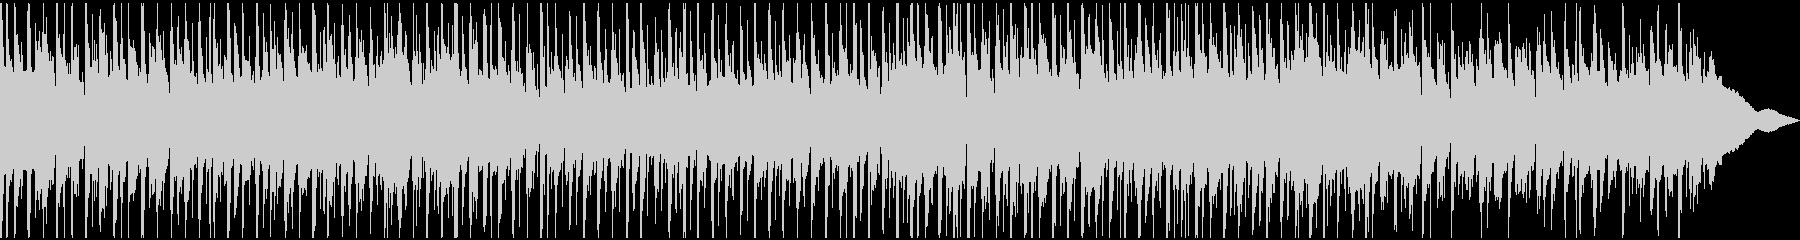 ポップ ロック カントリー 民謡 ...の未再生の波形